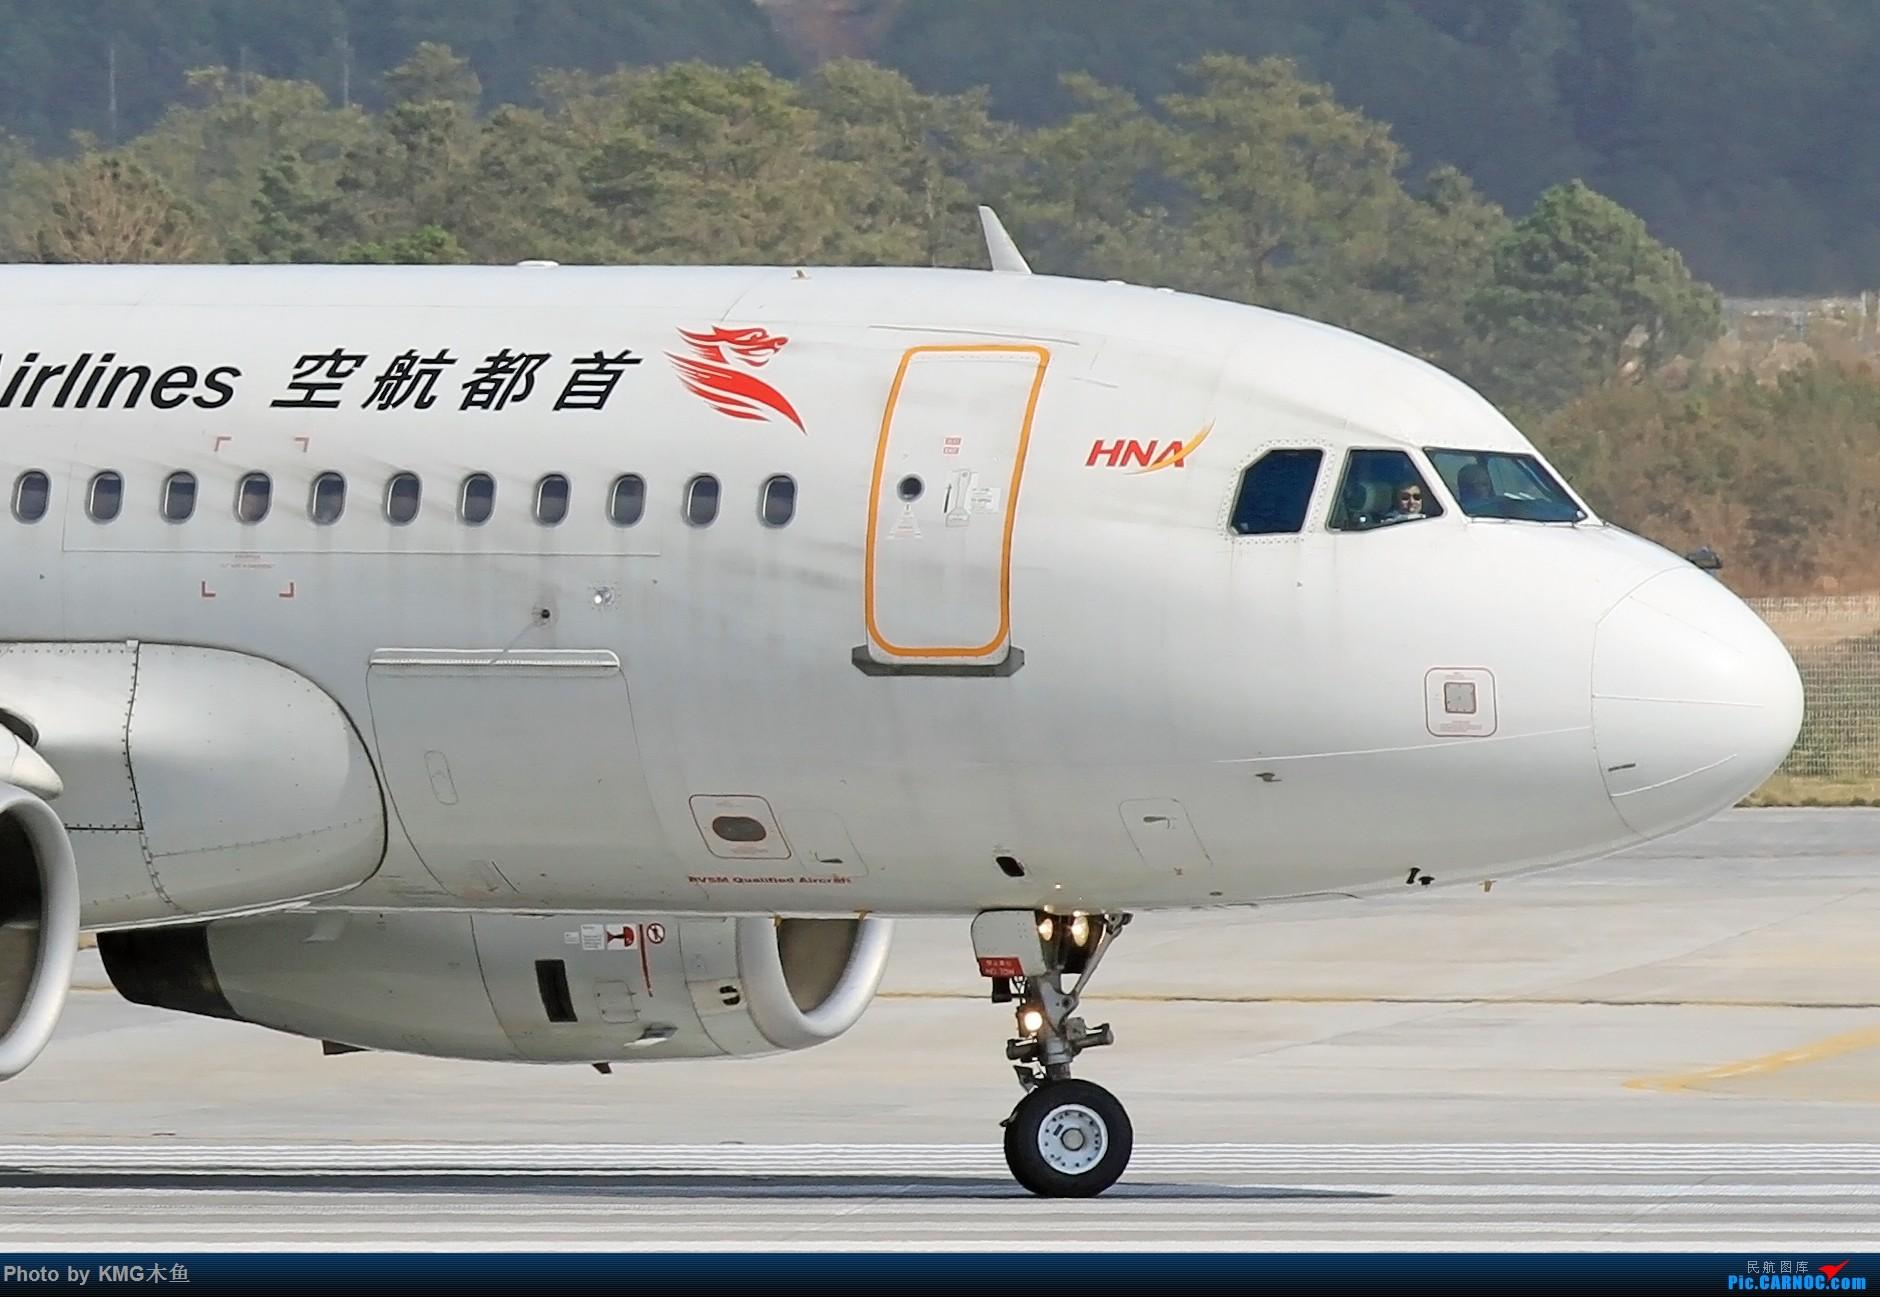 Re:[原创]【KMG】【昆明长水国际机场】继续发清明小长假的拍机图,不做库存党 AIRBUS A319-100 B-6417 中国昆明长水国际机场机场